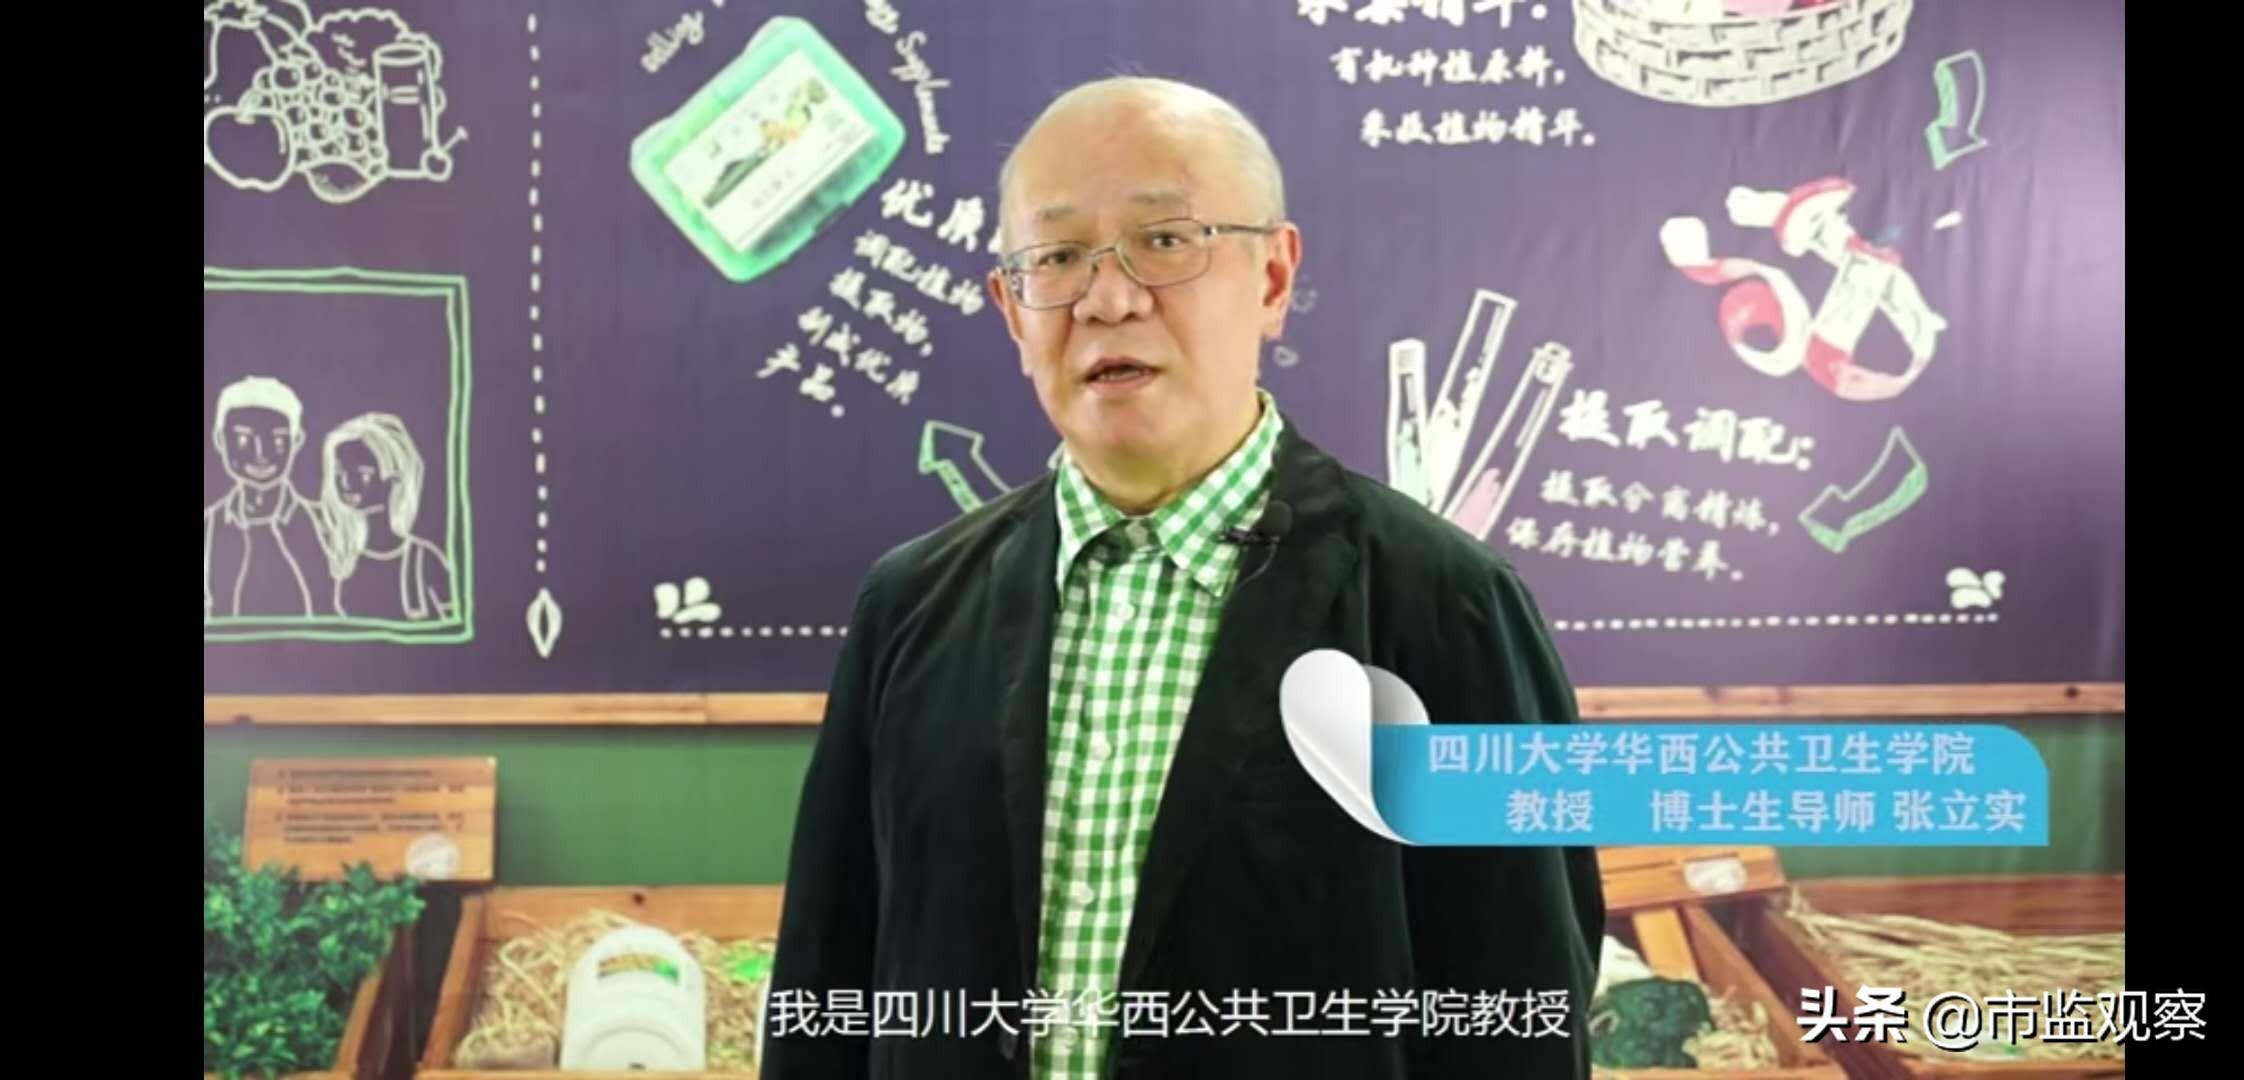 """四川政企联动 开展保健食品科普""""五进""""促进理性消费"""